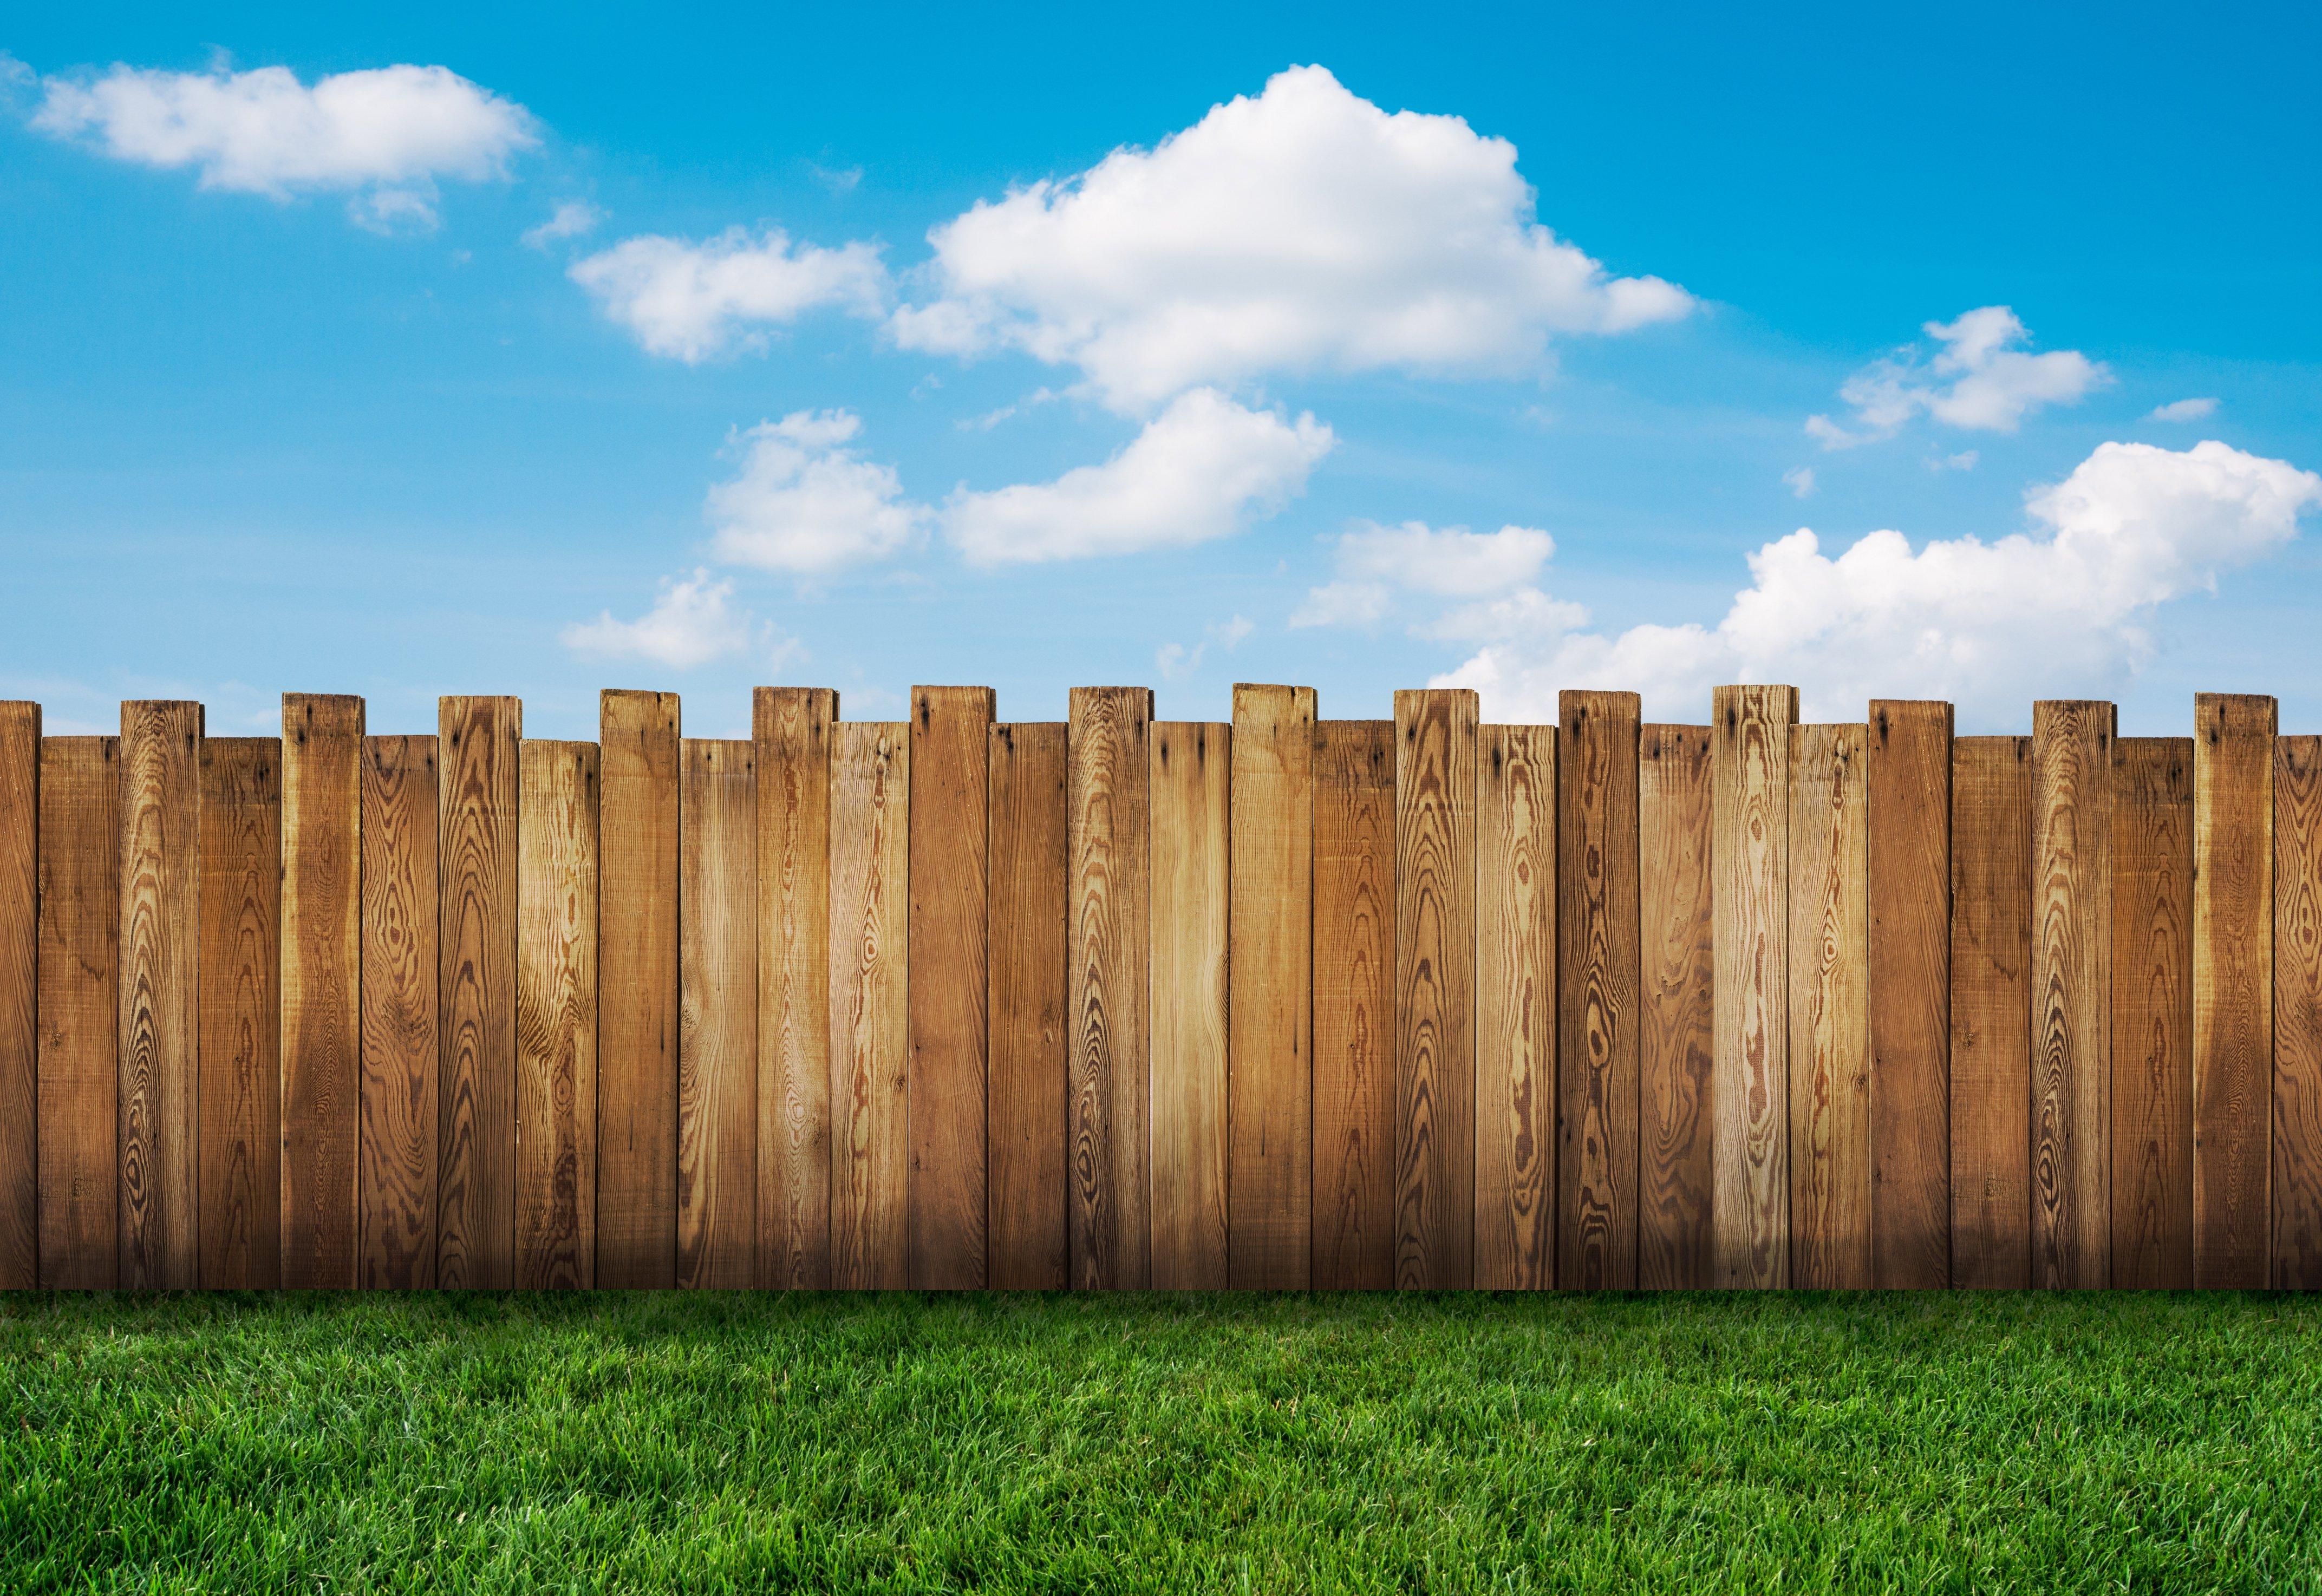 Green Grass Fence Neighbor